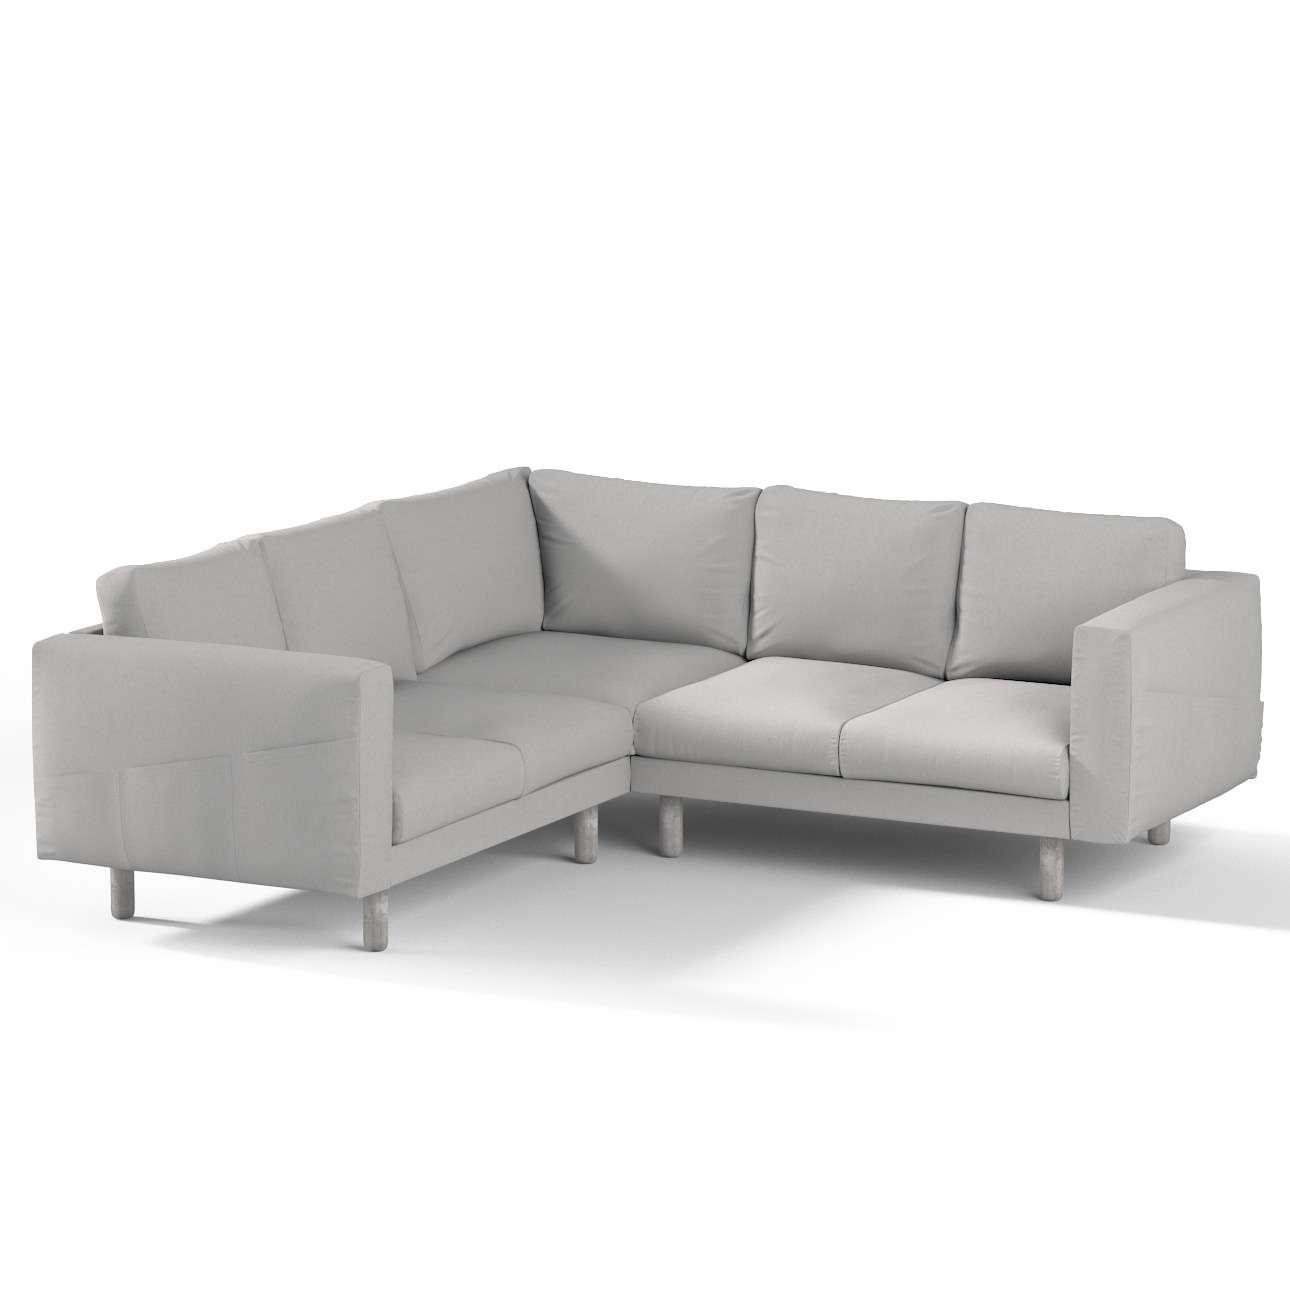 Pokrowiec na sofę narożną Norsborg 4-osobową w kolekcji Chenille, tkanina: 702-23